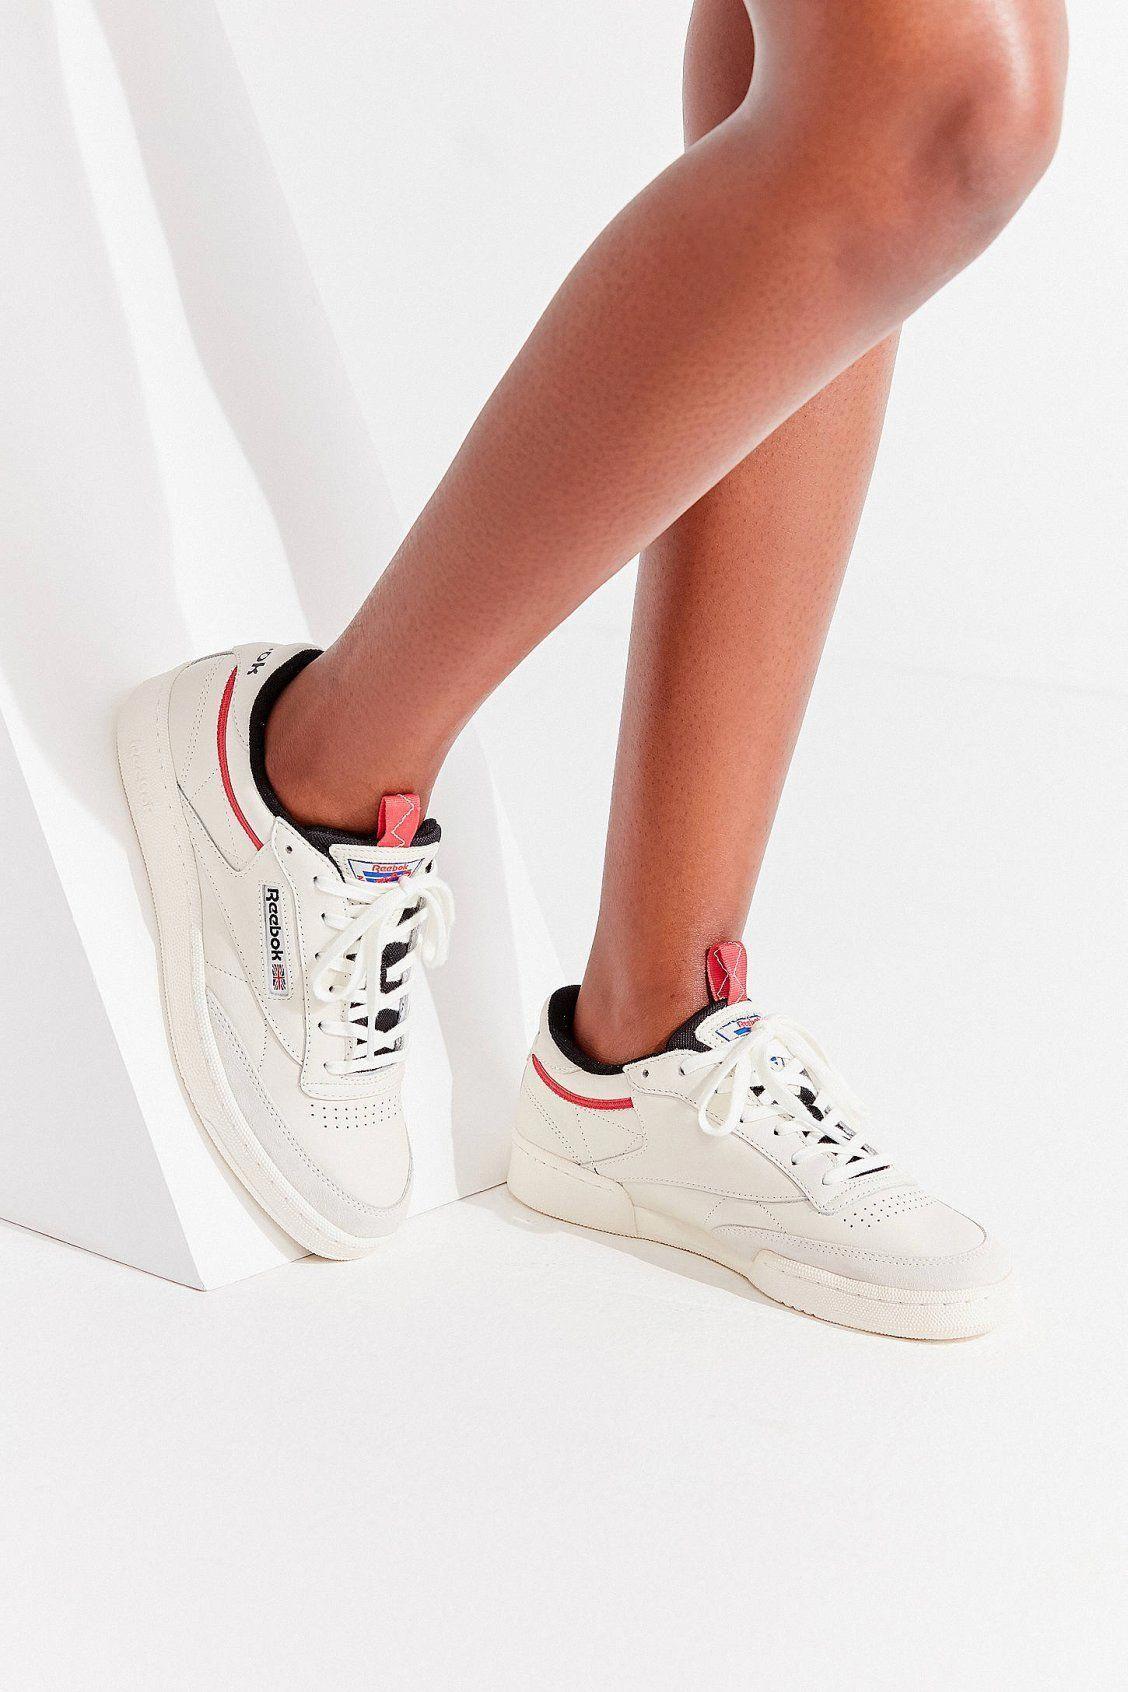 Épinglé sur FASHION    chaussures